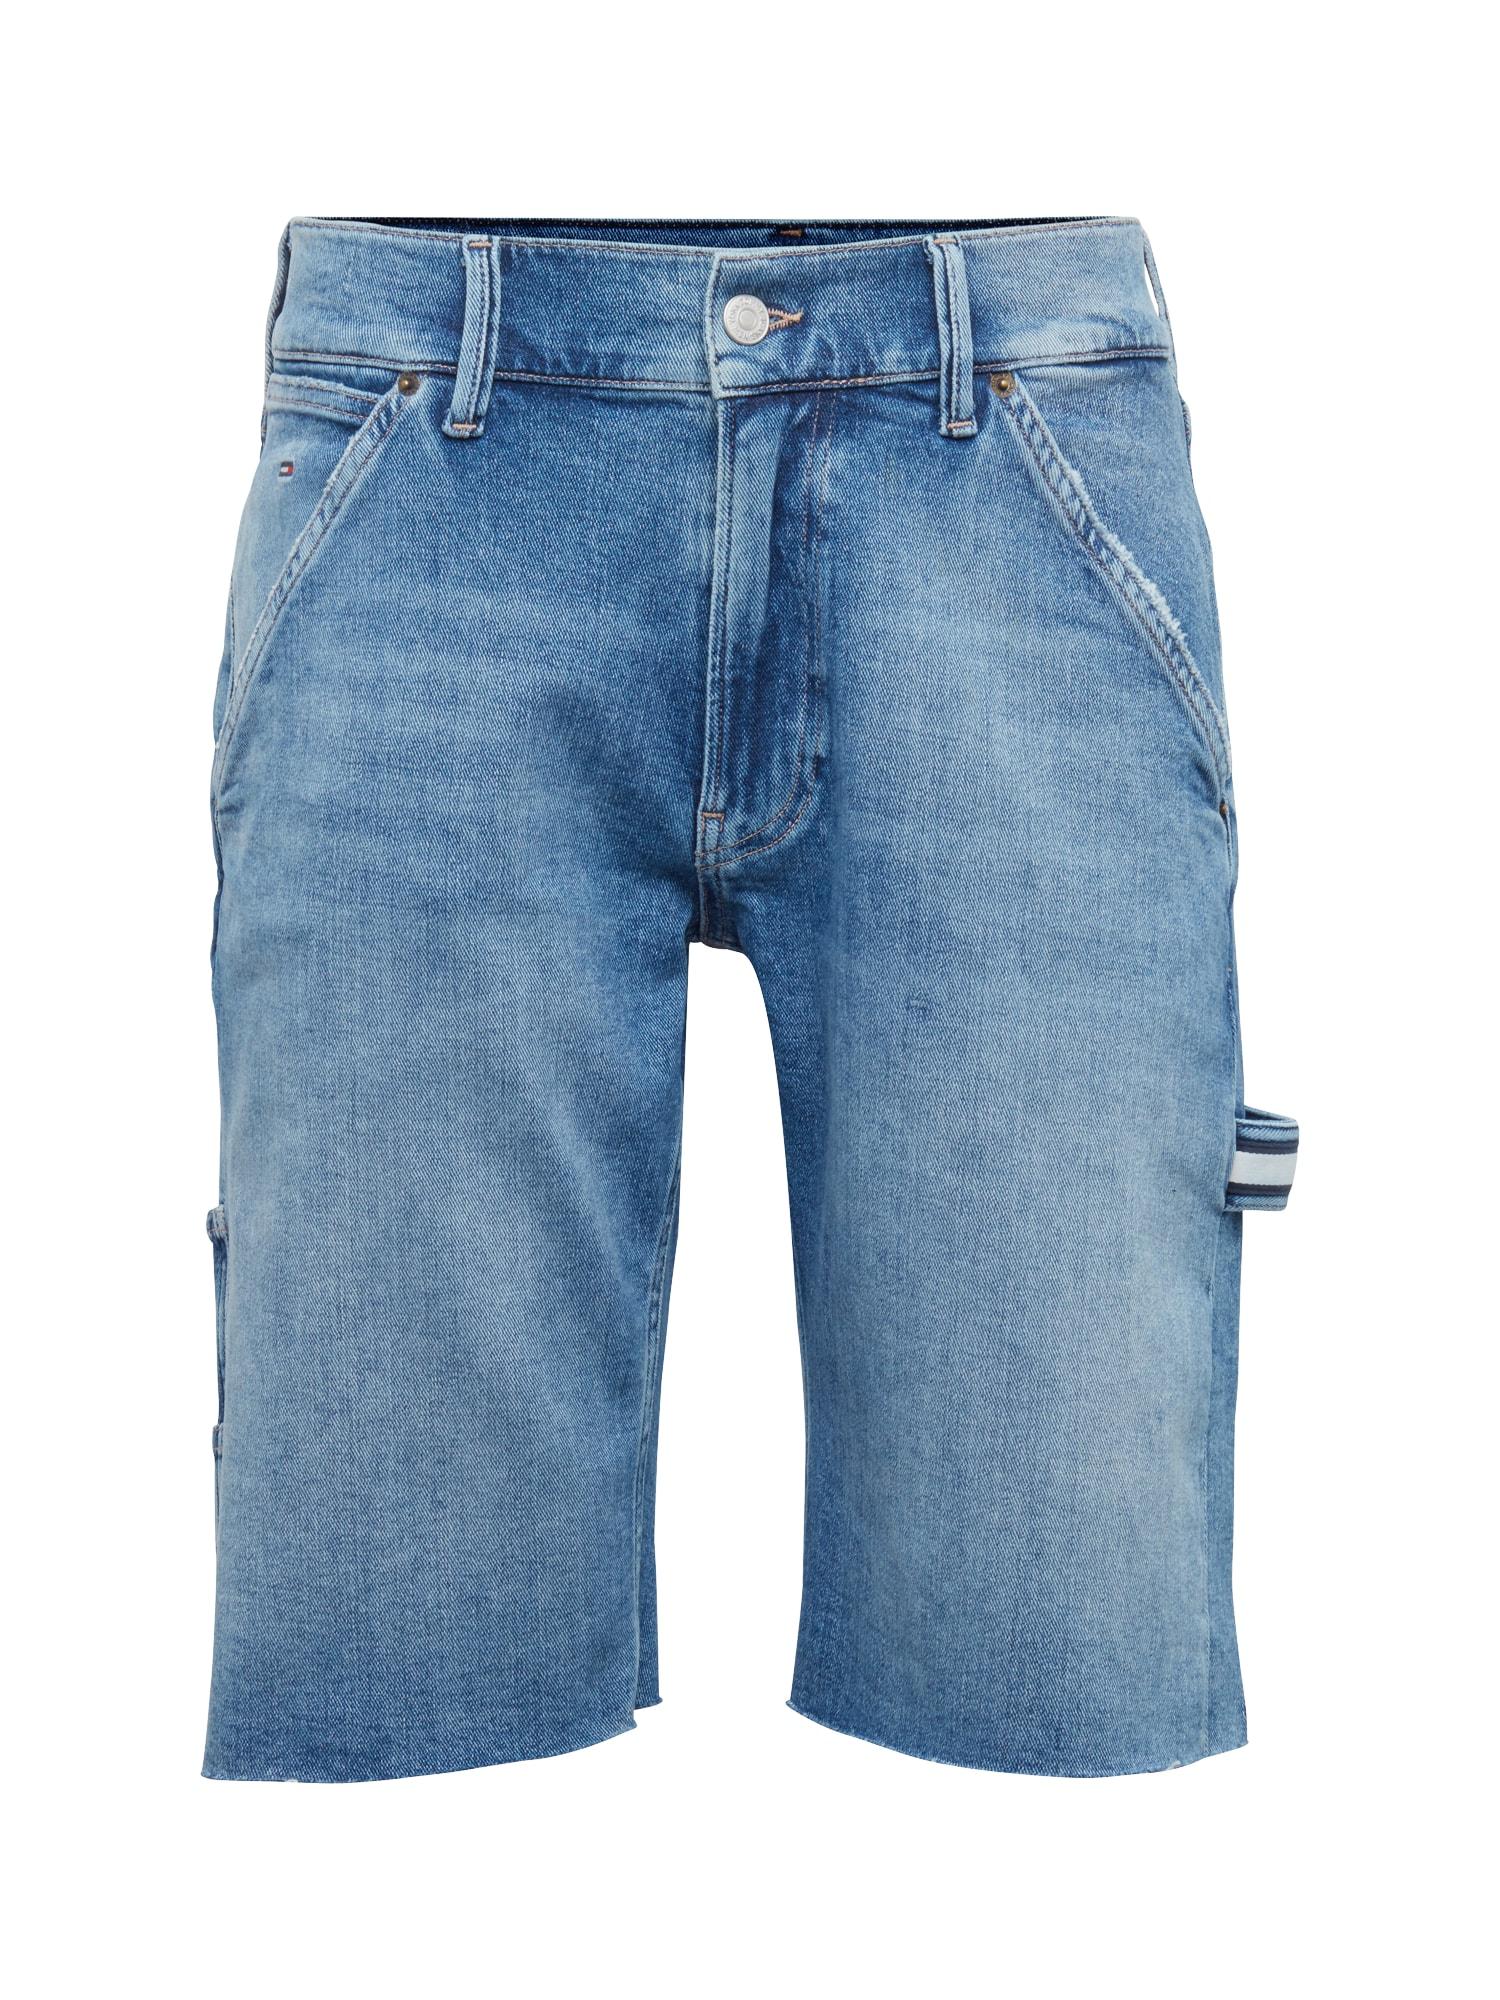 Džíny CARPENTER SHORT FNSBYM modrá džínovina Tommy Jeans